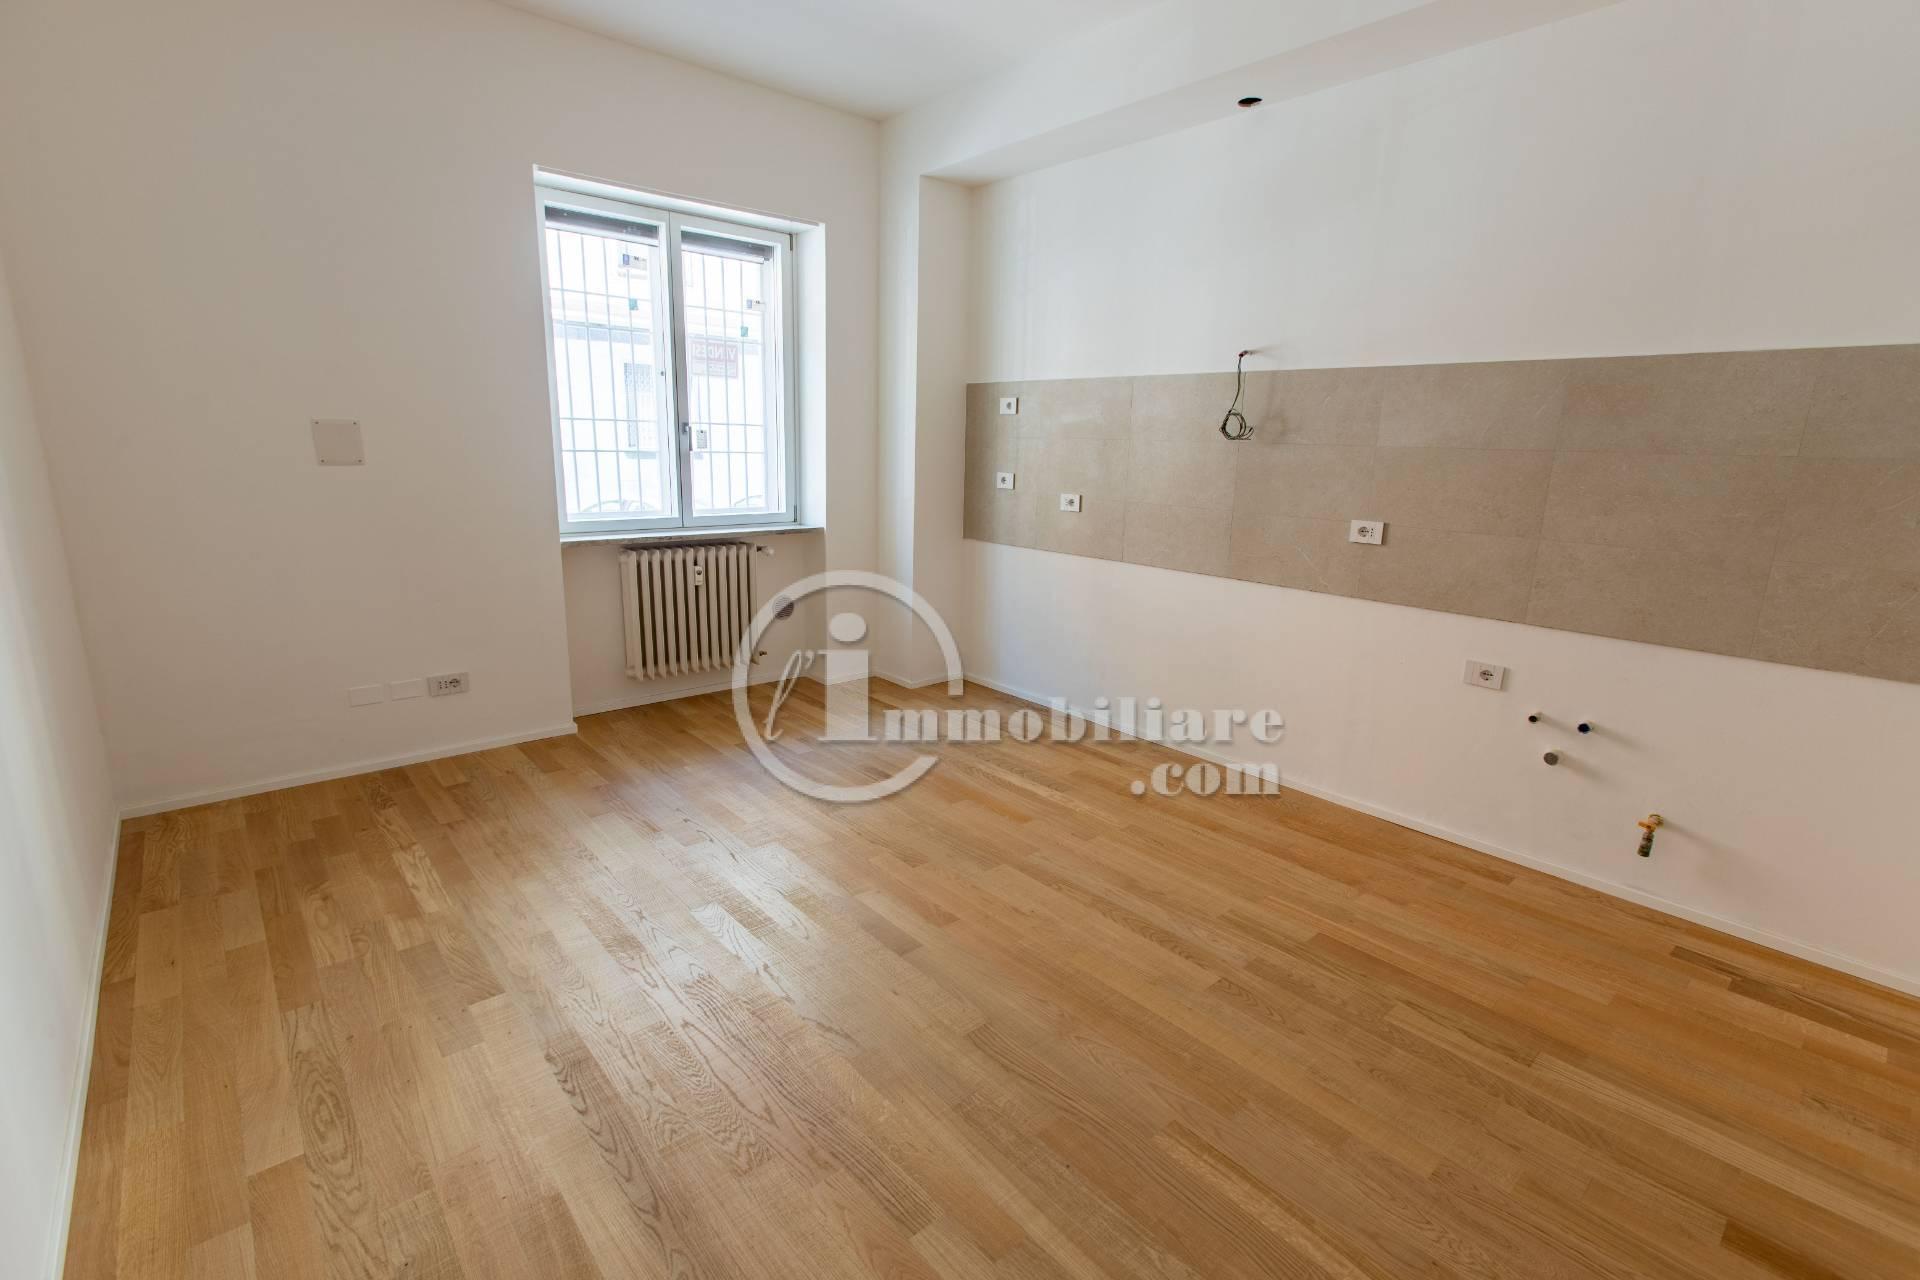 Appartamento in Vendita a Milano: 3 locali, 75 mq - Foto 5